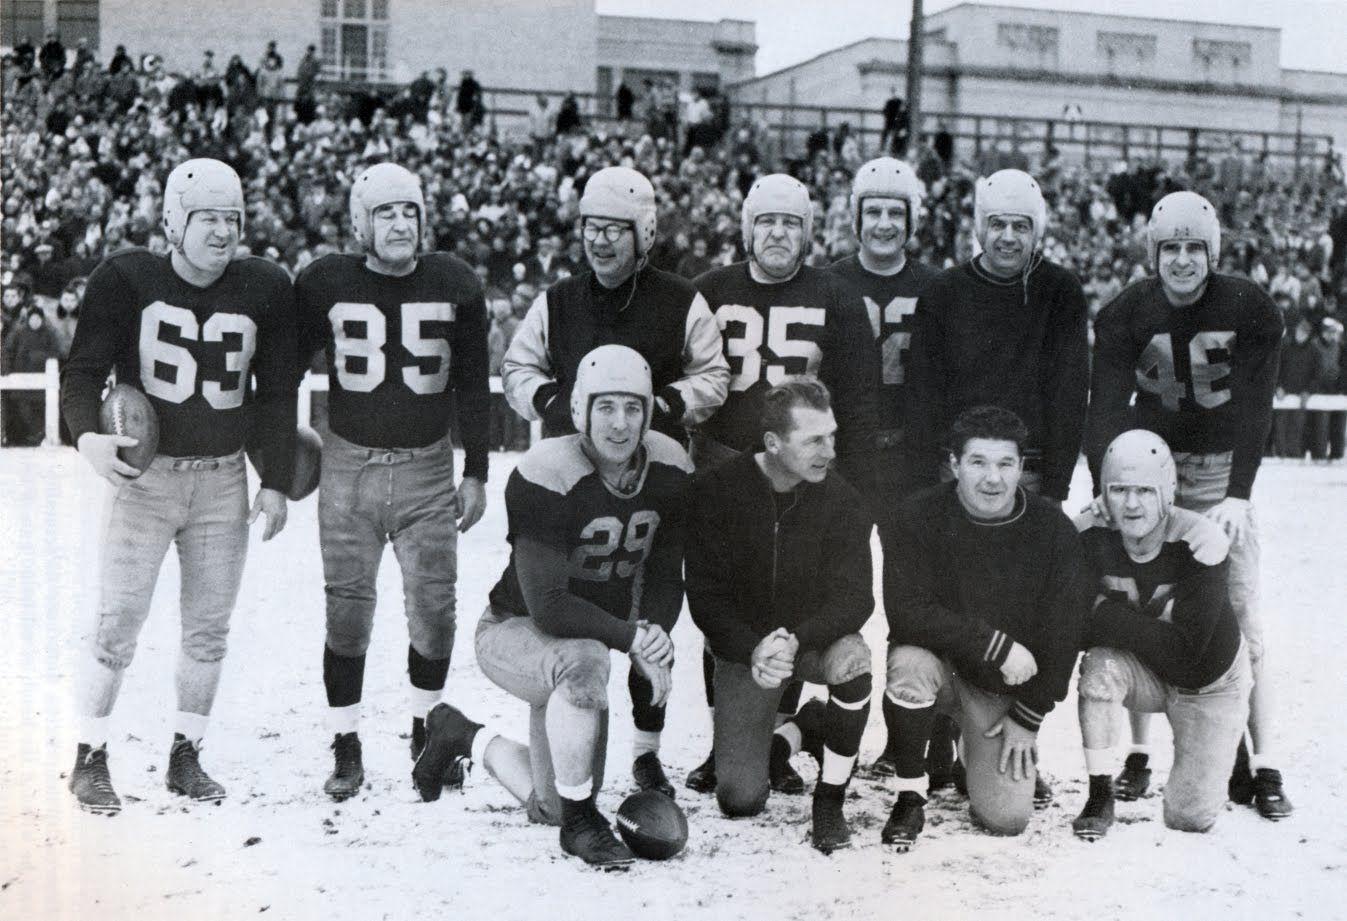 Packerville U S A Old Timer S Game 1949 Green Bay Packers Team Green Bay Packers Fans Green Bay Packers Vintage